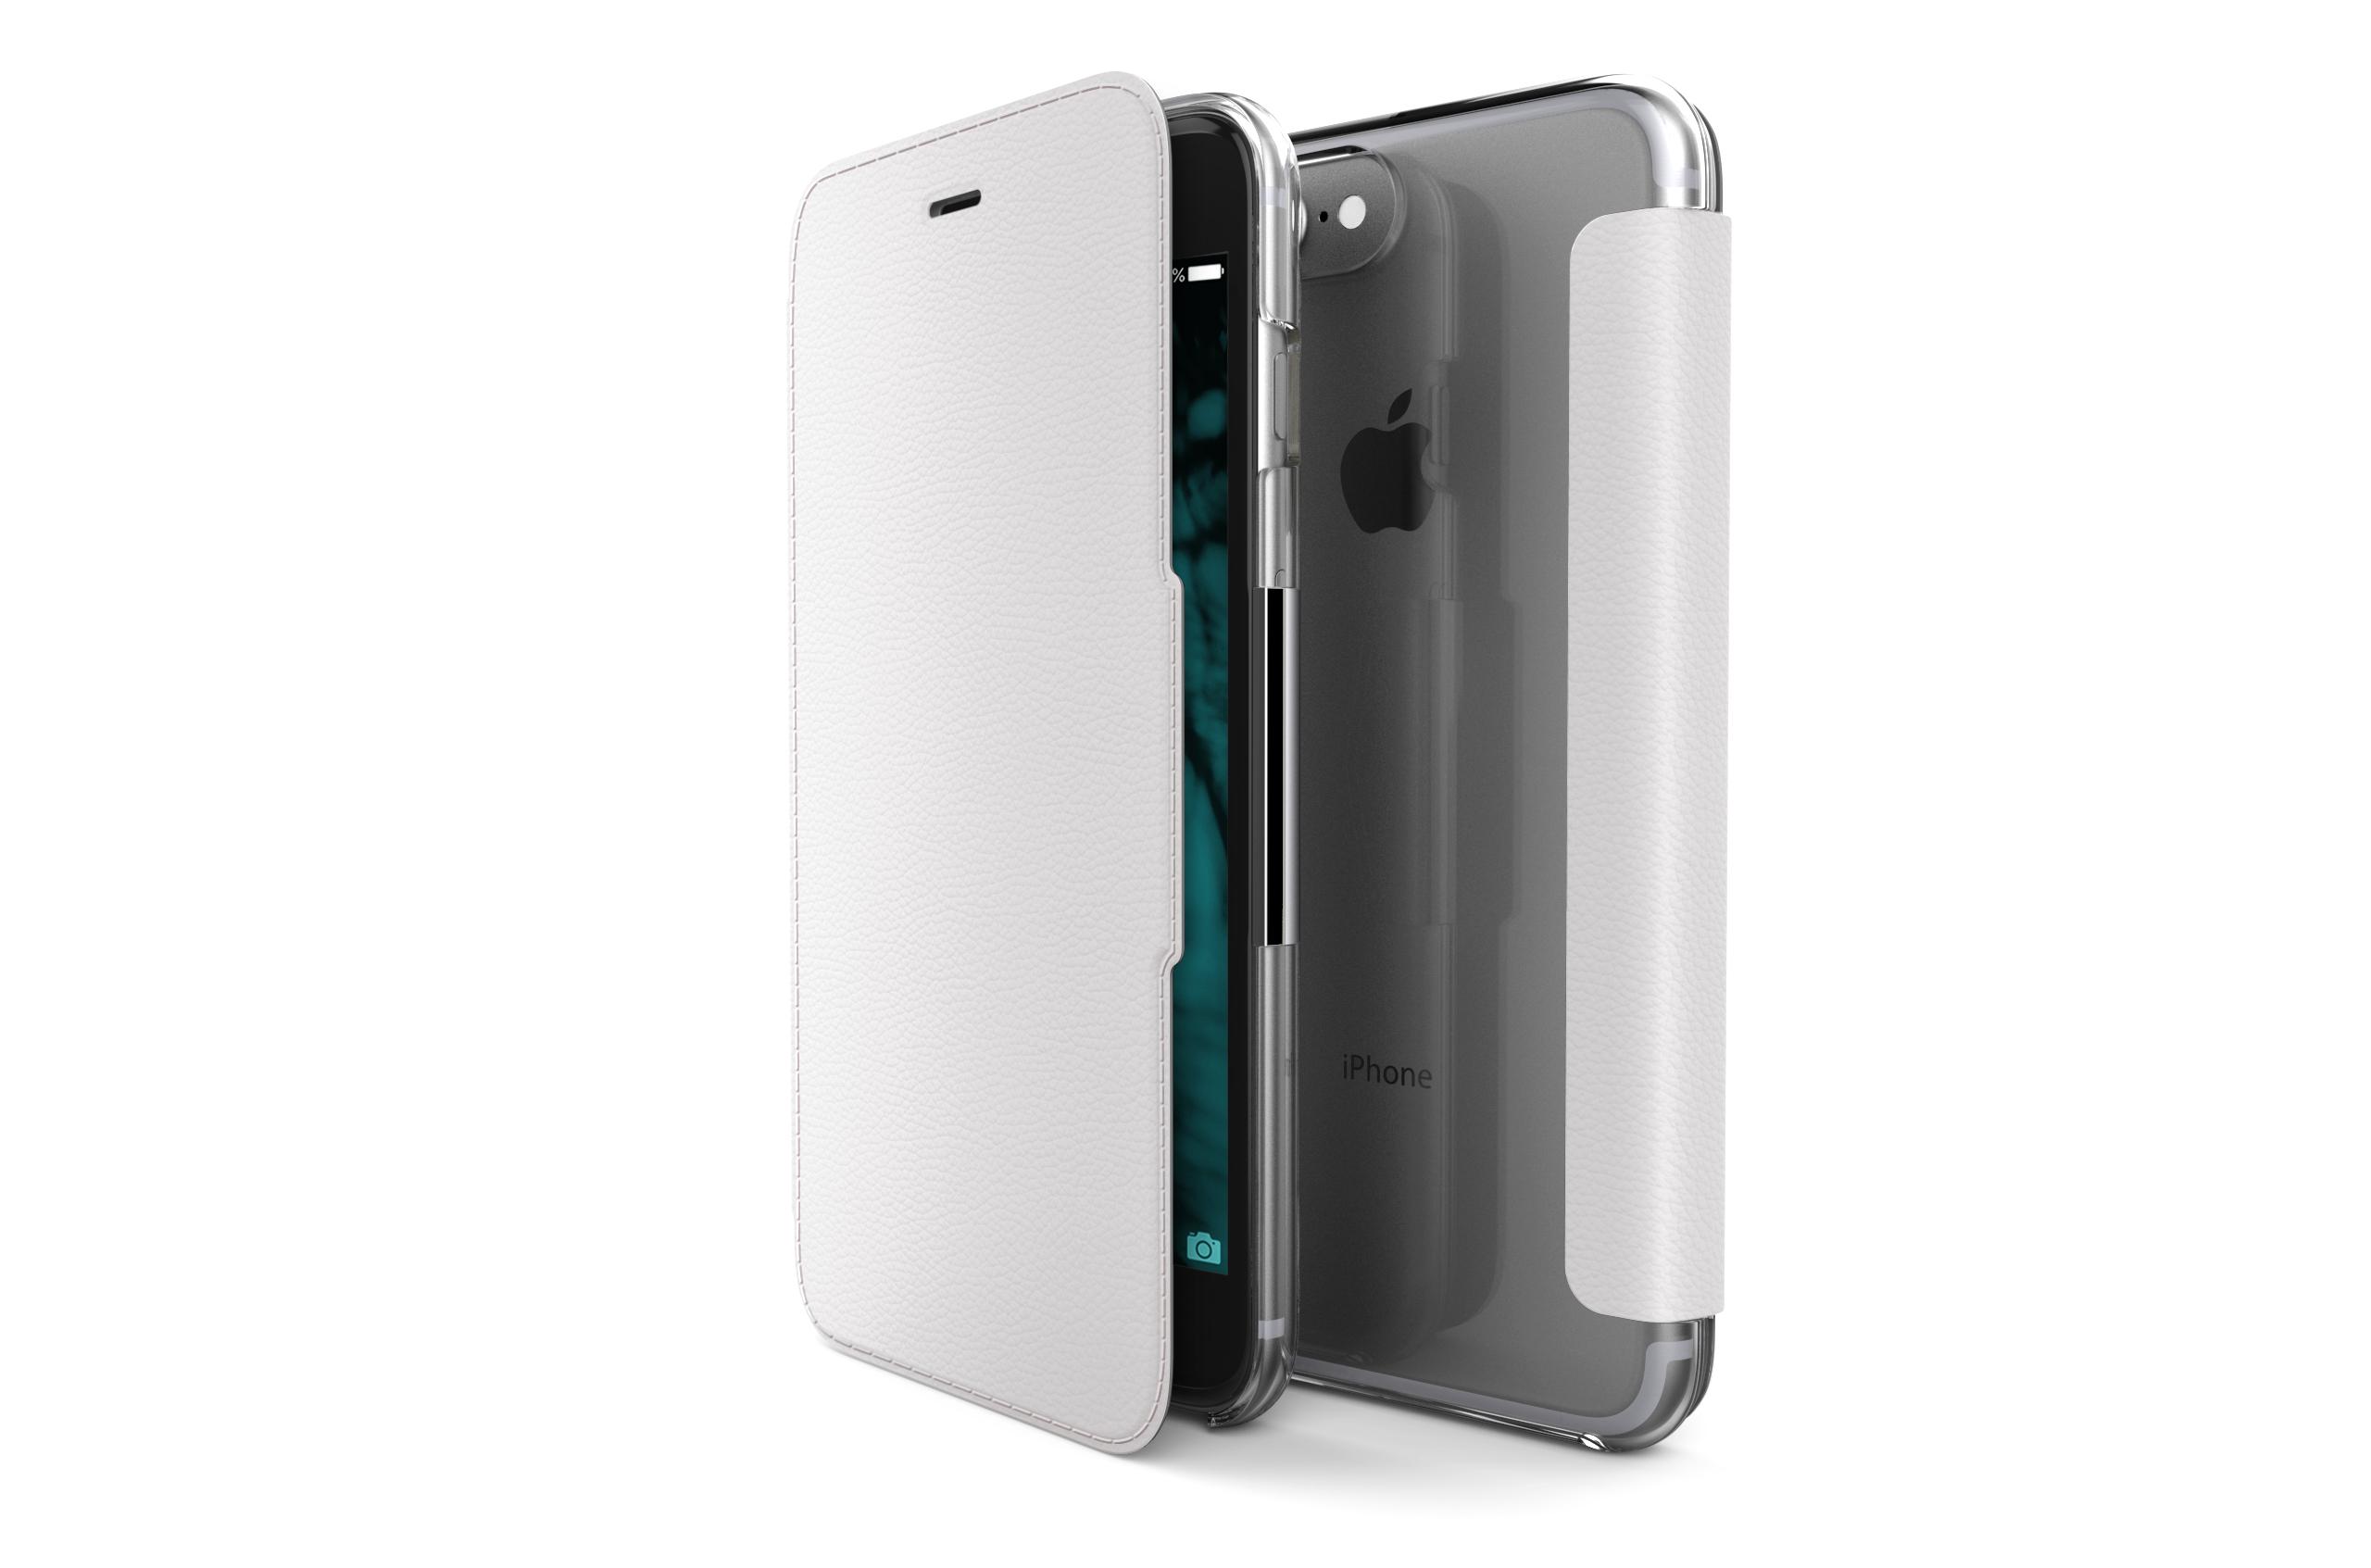 Pouzdro / kryt pro iPhone 7 Plus - X-DORIA, ENGAGE FOLIO WHITE